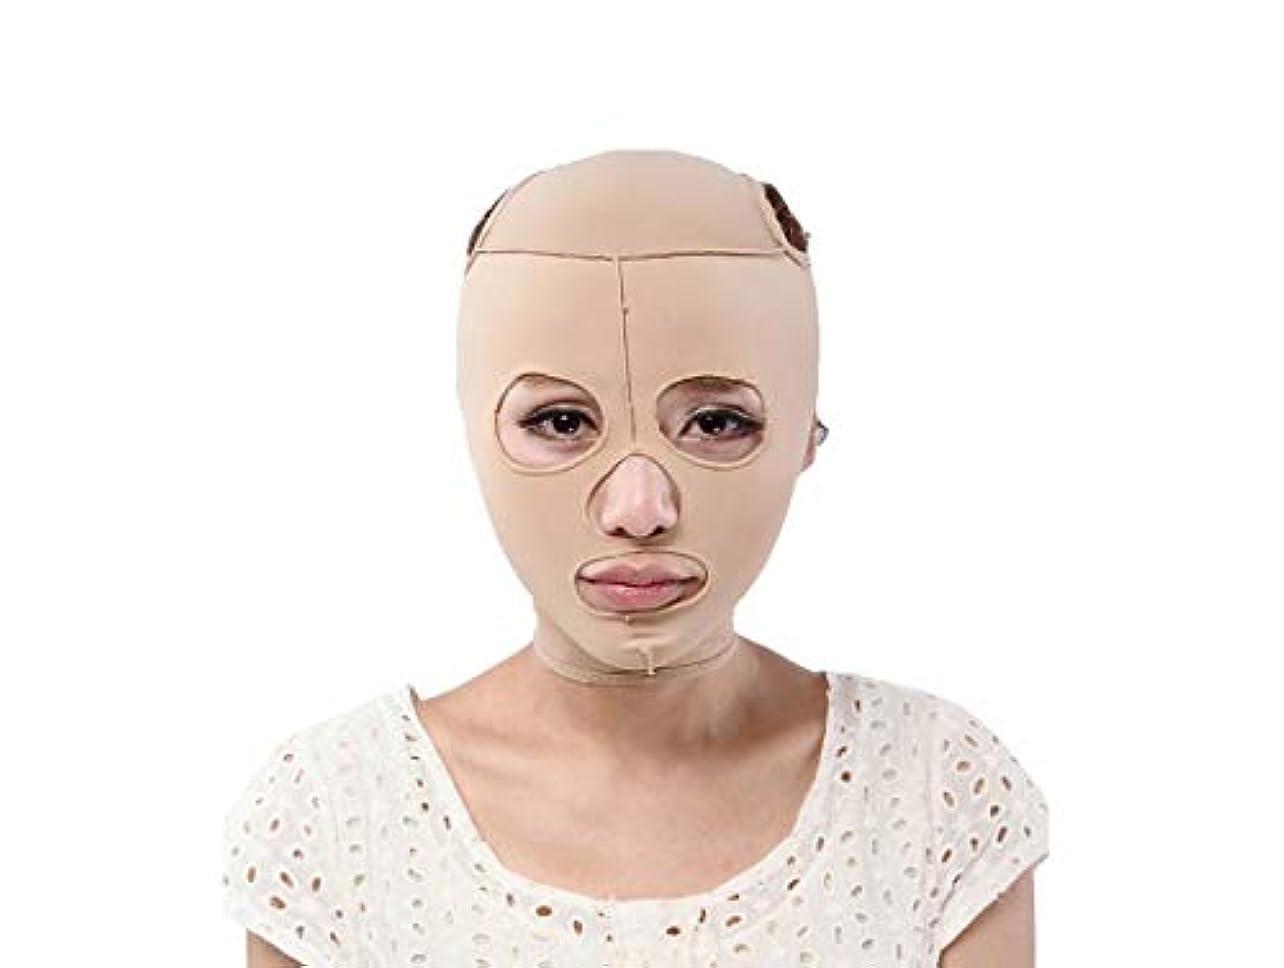 桃夜の動物園雨痩身ベルト、フェイスマスク薄い顔楽器リフティング引き締めvフェイス男性と女性フェイスリフティングステッカー二重あごフェイスリフティングフェイスマスク包帯フェイシャルマッサージ (Size : L)